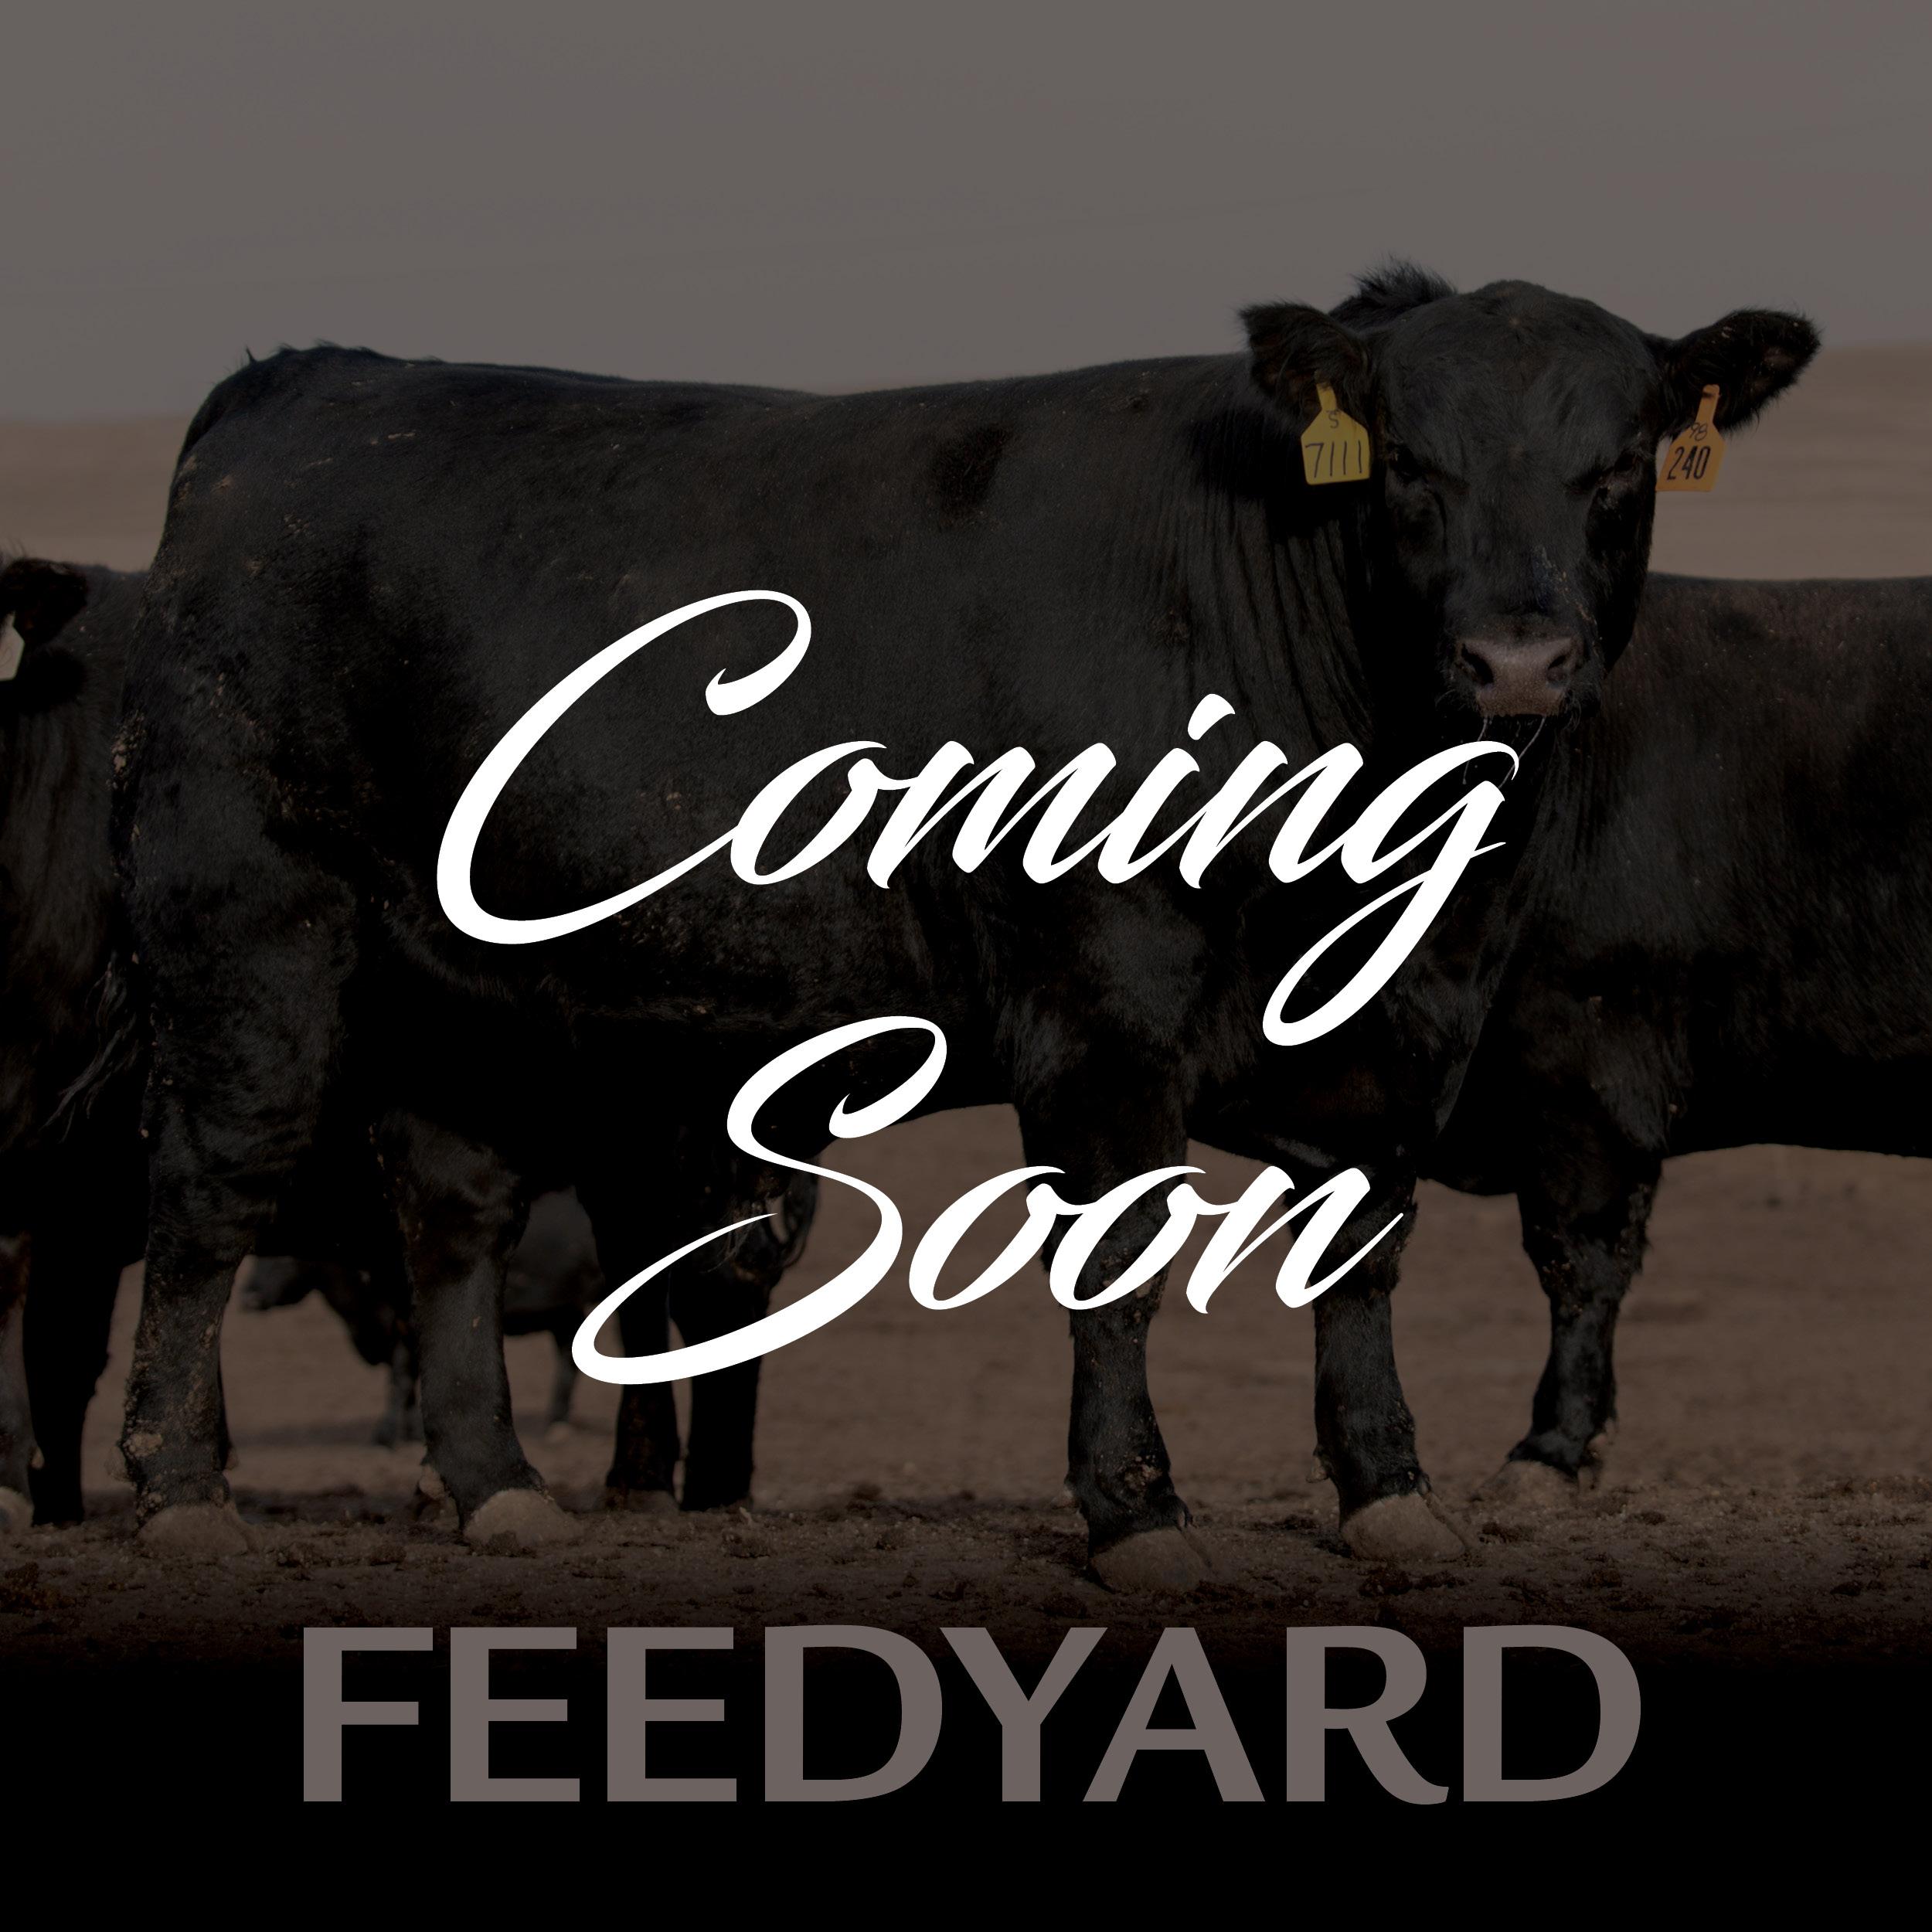 Feedyard Coming Soon